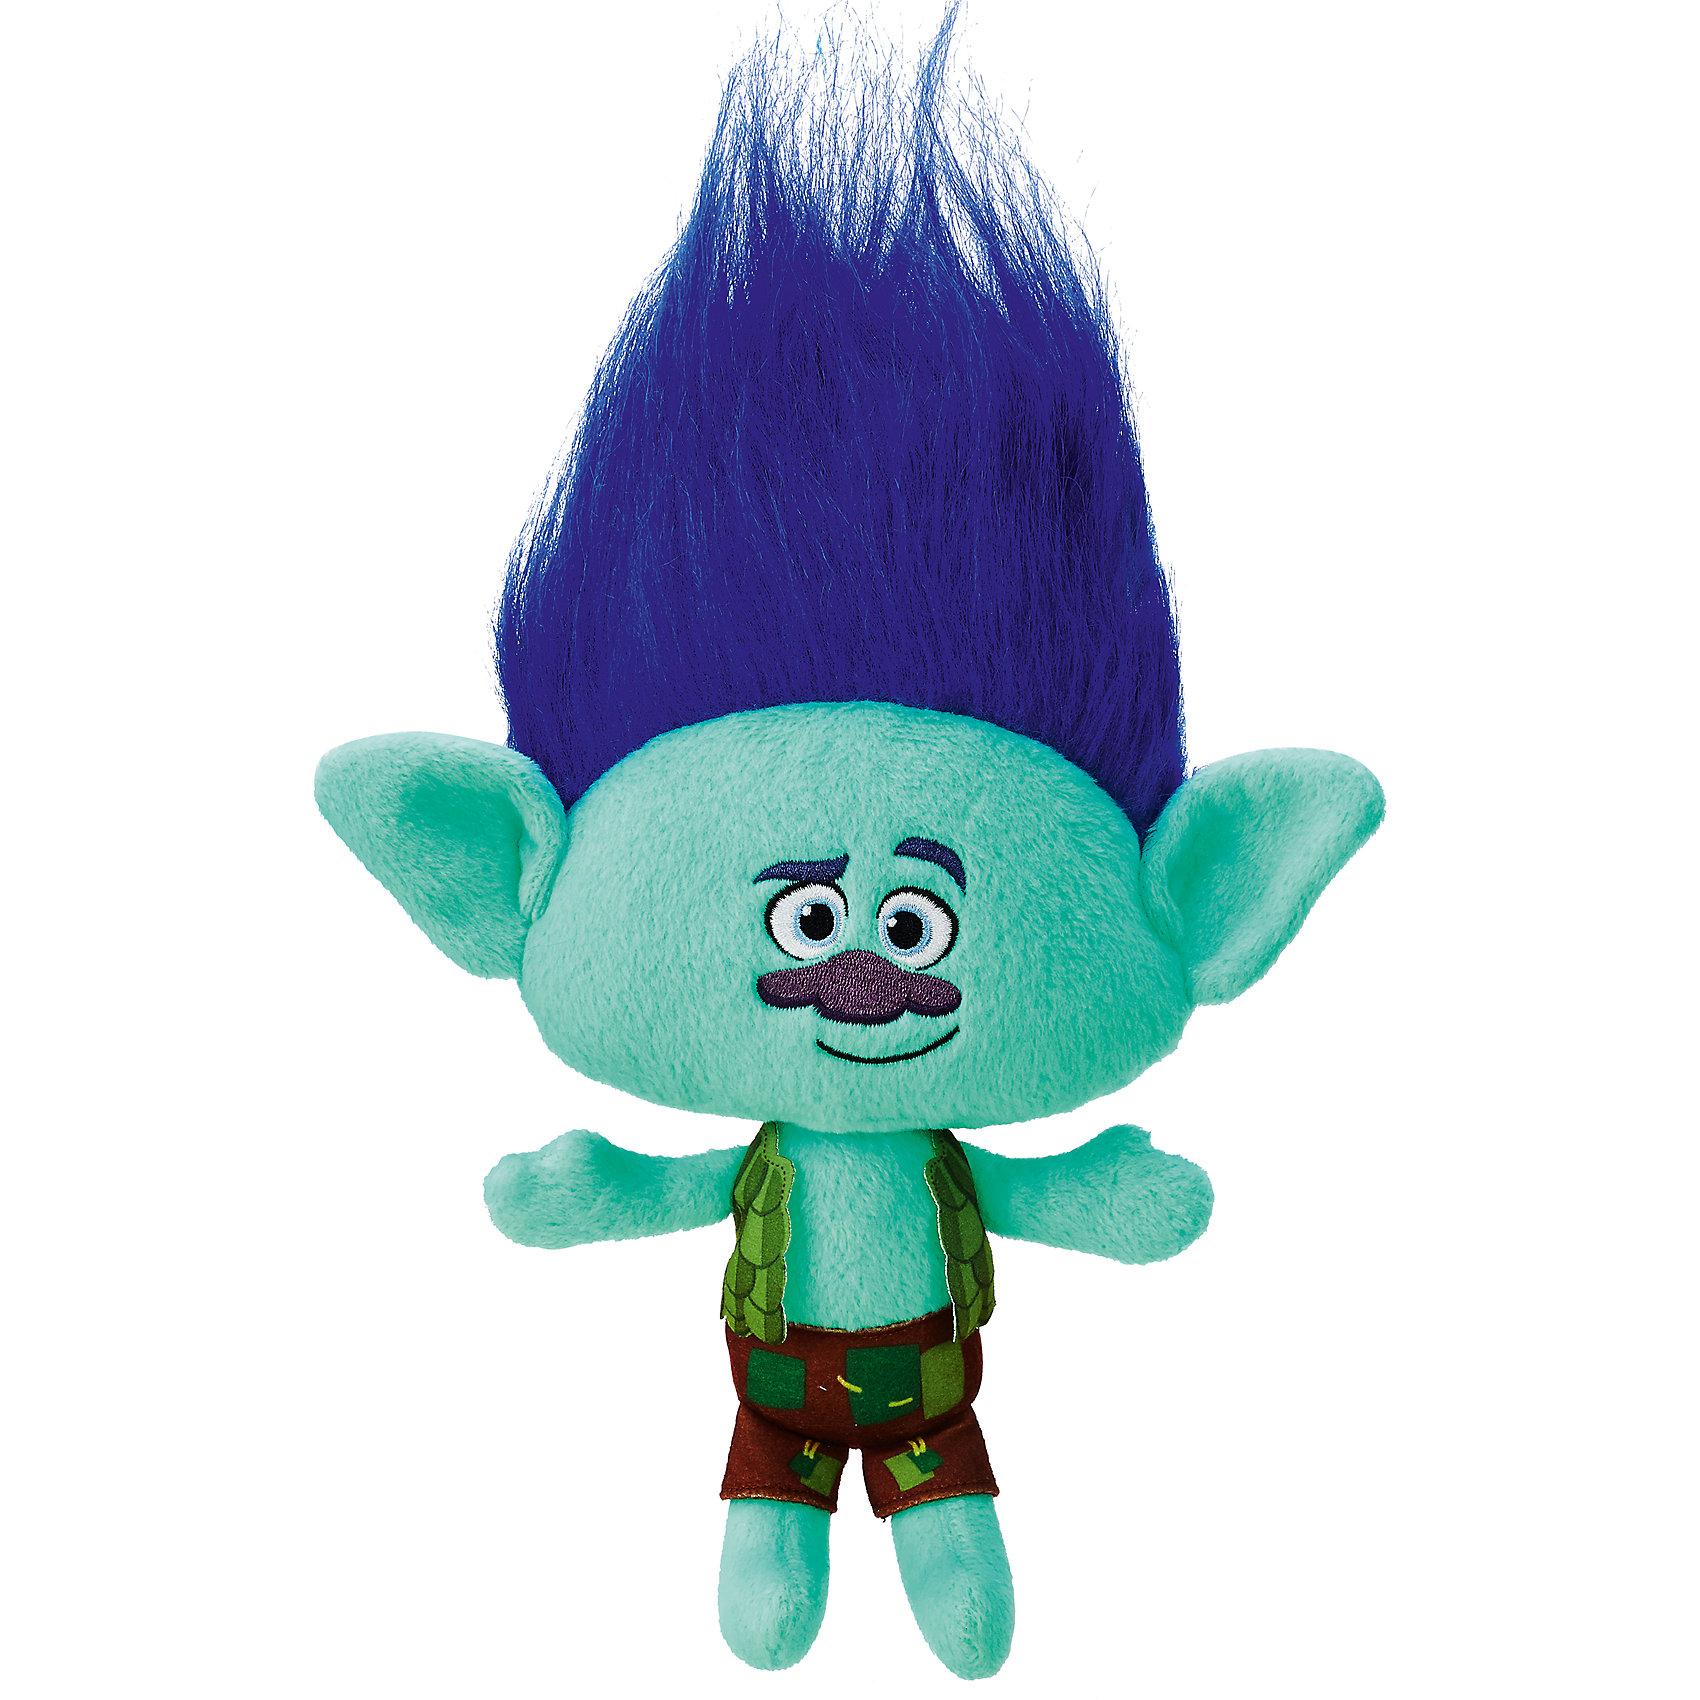 Мягкая игрушка Цветан, ТроллиЛюбимые герои<br>Тролли из плюша - Цветан.<br><br>Характеристики:<br><br>• Комплект: фигурка тролля.<br>• Материал: плюш.<br>• Размер игрушки – 28 см.<br><br>Тролли из плюша от торговой марки Hasbro созданы по мотивам известного мультипликационного фильма  Trolls.  Милые крошечные существа живут в чудесном мире танцев, песен и обнимашек. У них очаровательные мордашки с круглыми глазками и разноцветные яркие волосы. Тролль из плюша Цветан очень милый . Мягкая кукла с забавными длинными ярко-синими волосами, которые зачесаны кверху, станет отличным подарком для вашего ребенка. Он сможет самостоятельно расчесать их, а также сделать всевозможные прически. Игрушка выполнена из качественных материалов - текстиля и плюша. Собери всю коллекцию троллей!<br><br>Тролля из плюша – Цветан, можно купить в нашем интернет - магазине.<br><br>Ширина мм: 70<br>Глубина мм: 165<br>Высота мм: 356<br>Вес г: 268<br>Возраст от месяцев: 48<br>Возраст до месяцев: 96<br>Пол: Унисекс<br>Возраст: Детский<br>SKU: 5177813